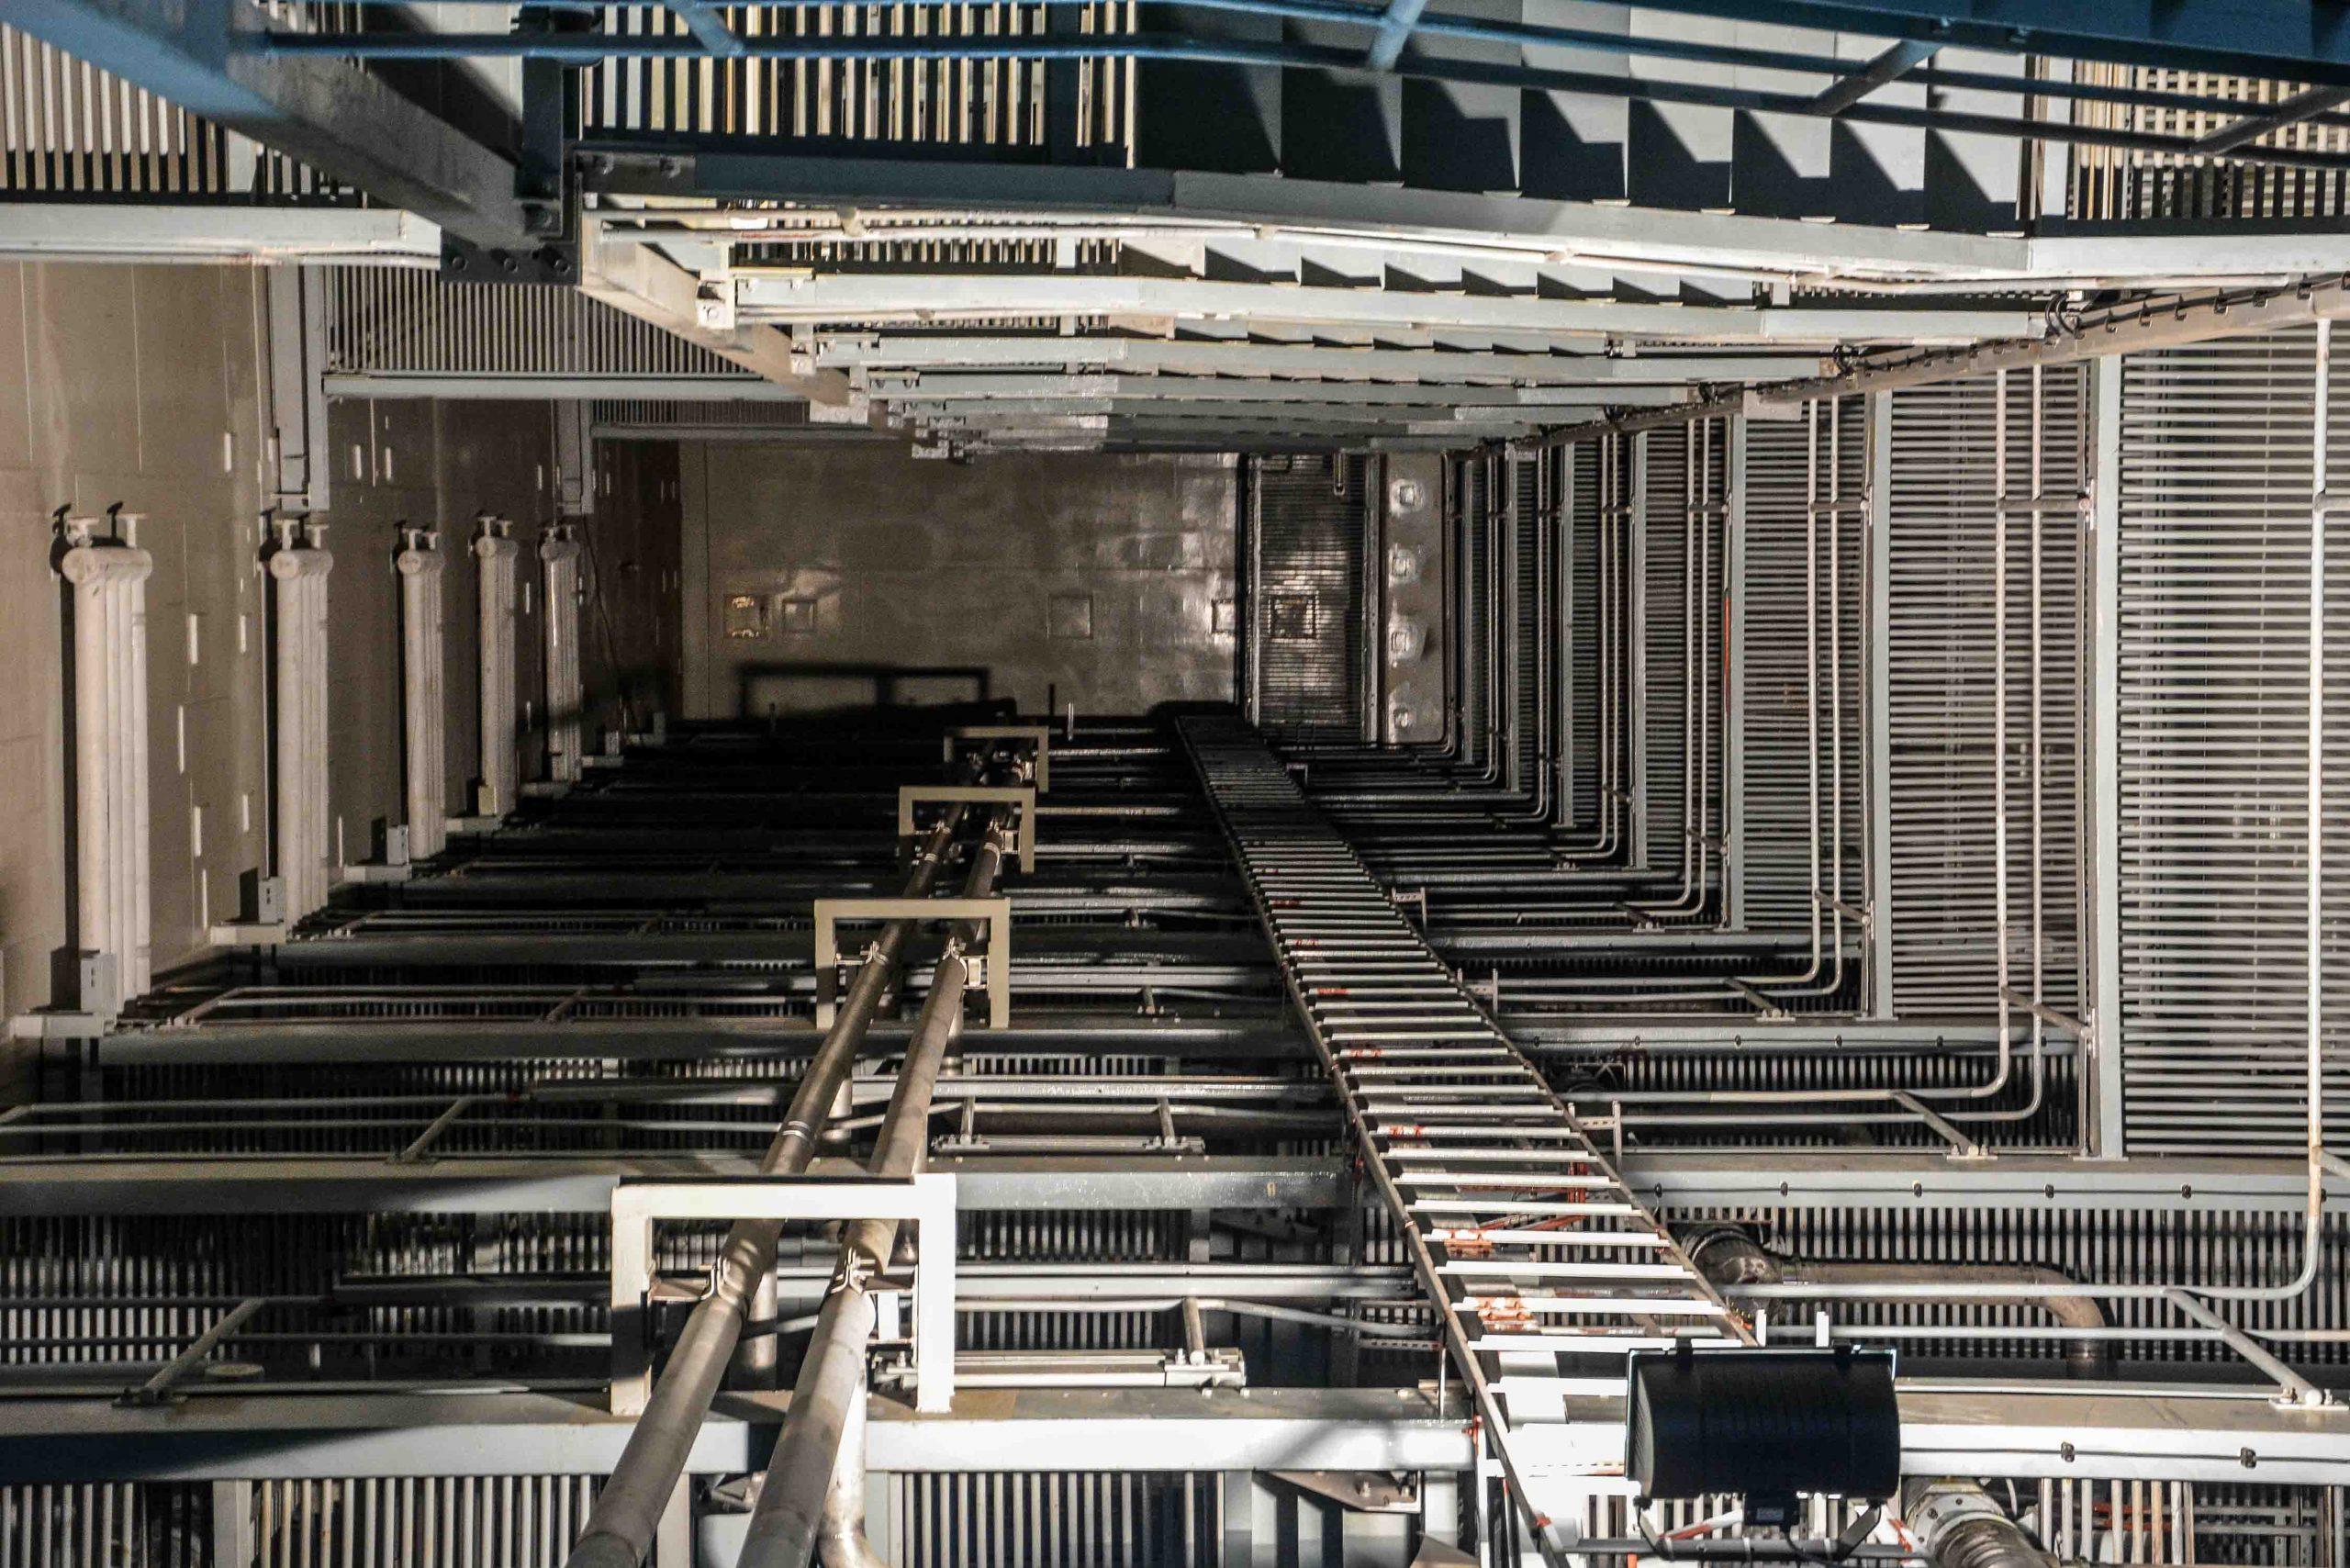 reaktor gebaeude innen ansicht treppen kernkraftwerk greifswald nuclear powerplant ost deutschland east germany gdr DDR mecklenburg vorpommern